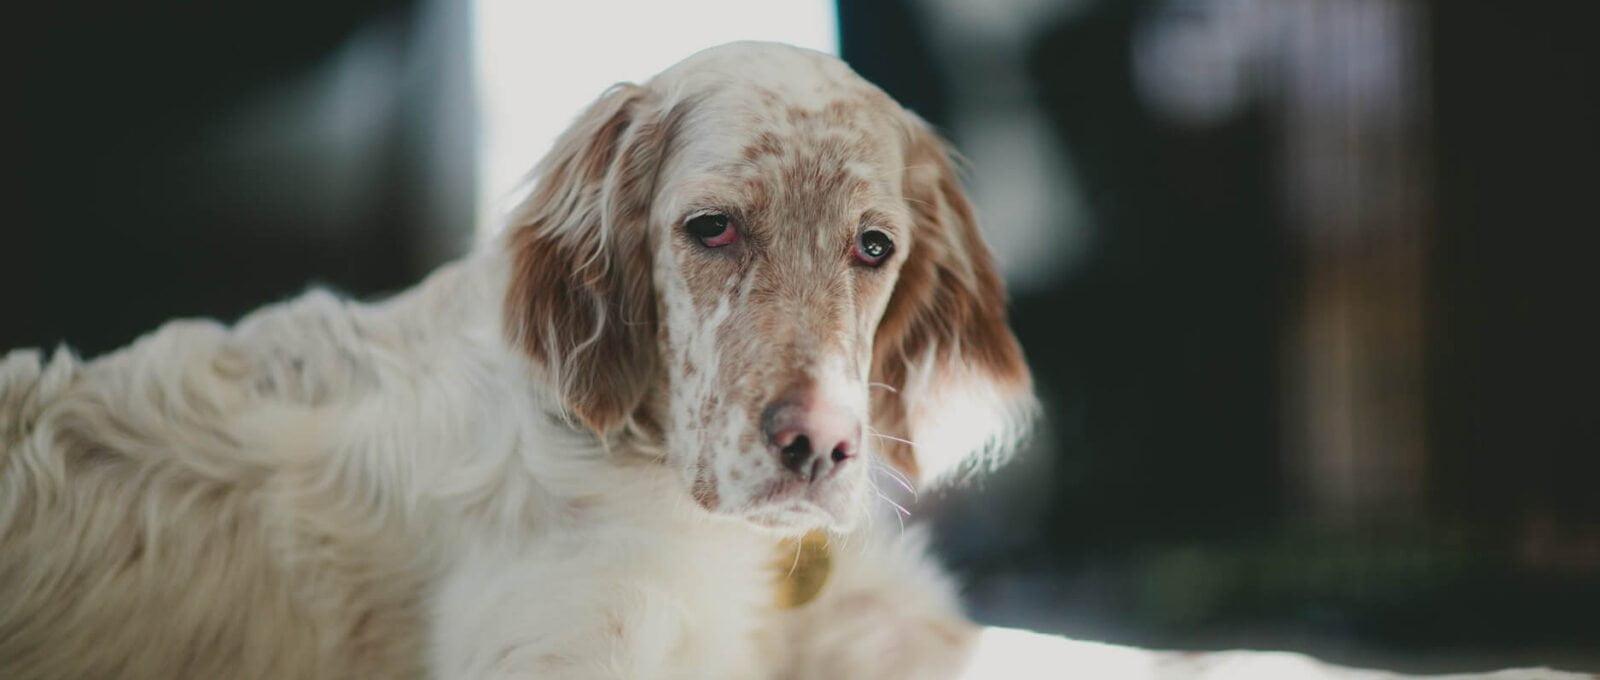 Les signes de douleur chez le chien